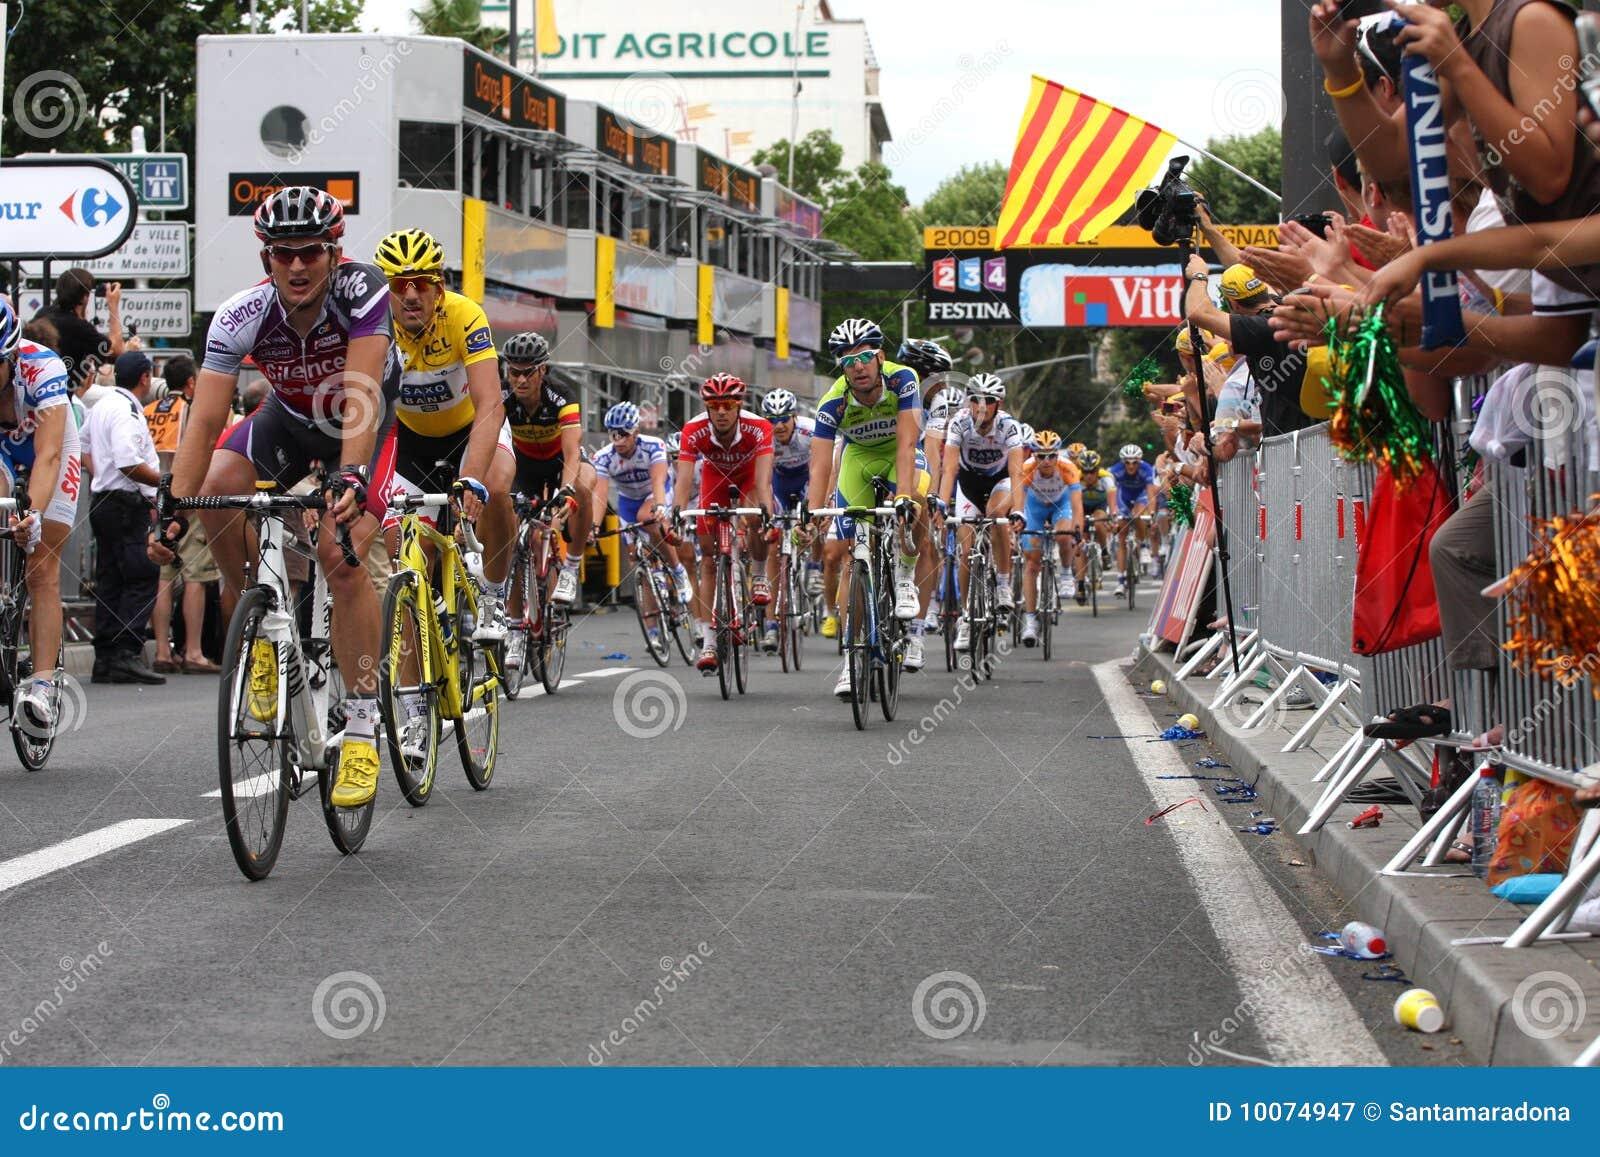 Le Tour de France 2009 - Round 4